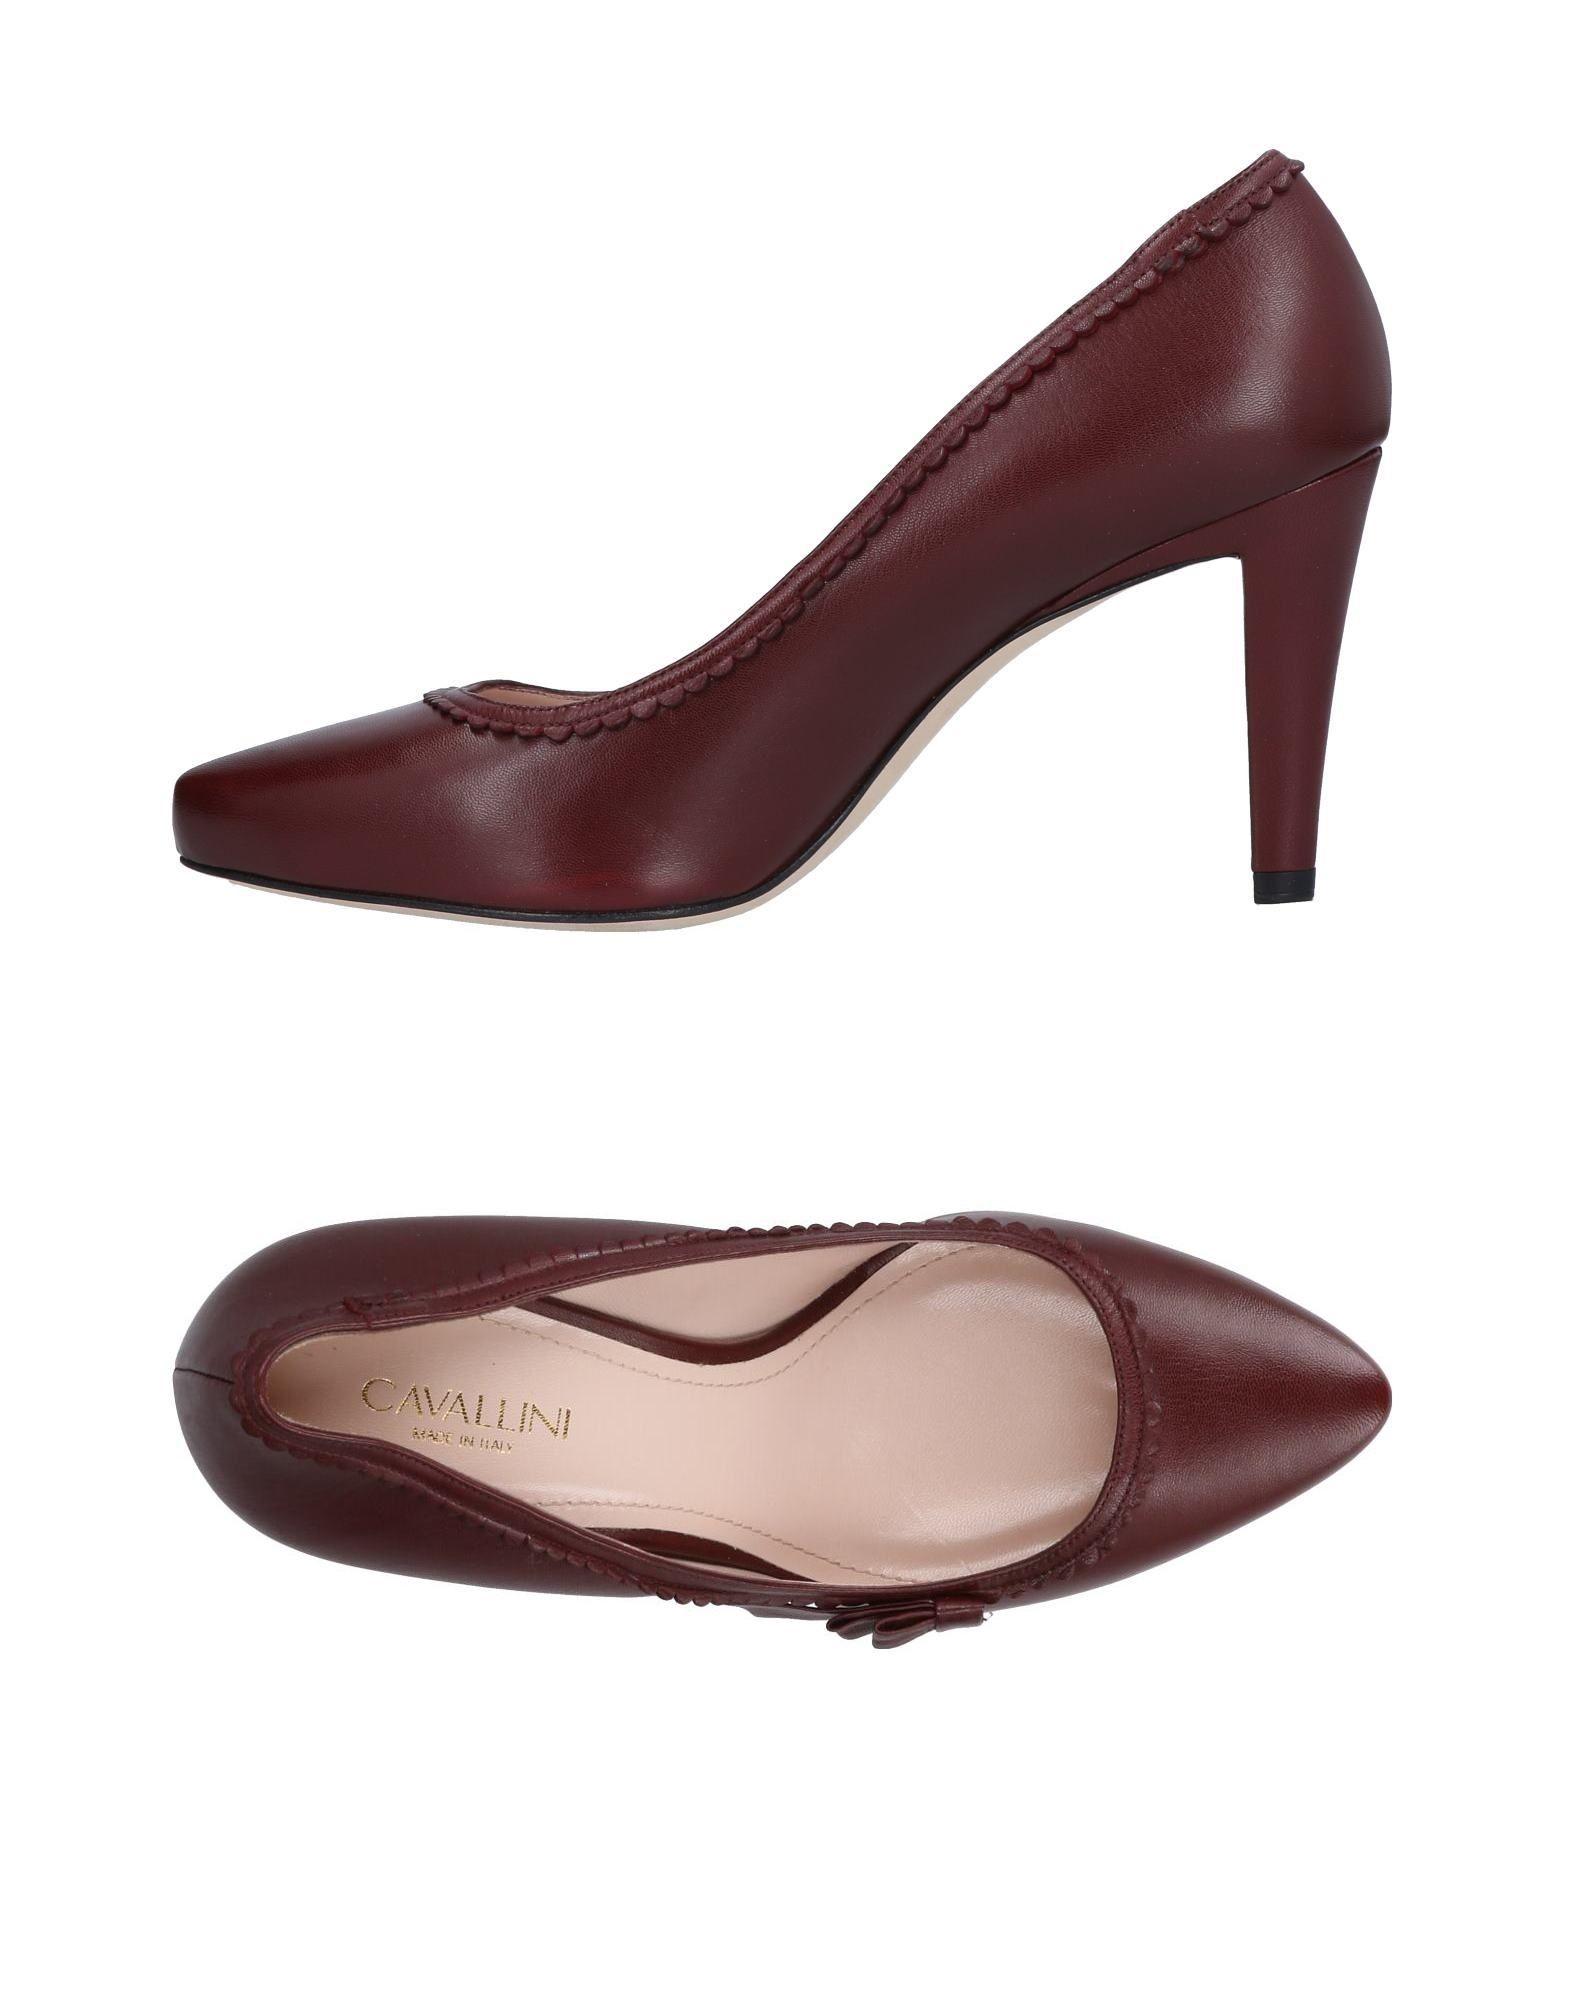 Cavallini Pumps Damen Qualität  11484059HC Gute Qualität Damen beliebte Schuhe db0ef4